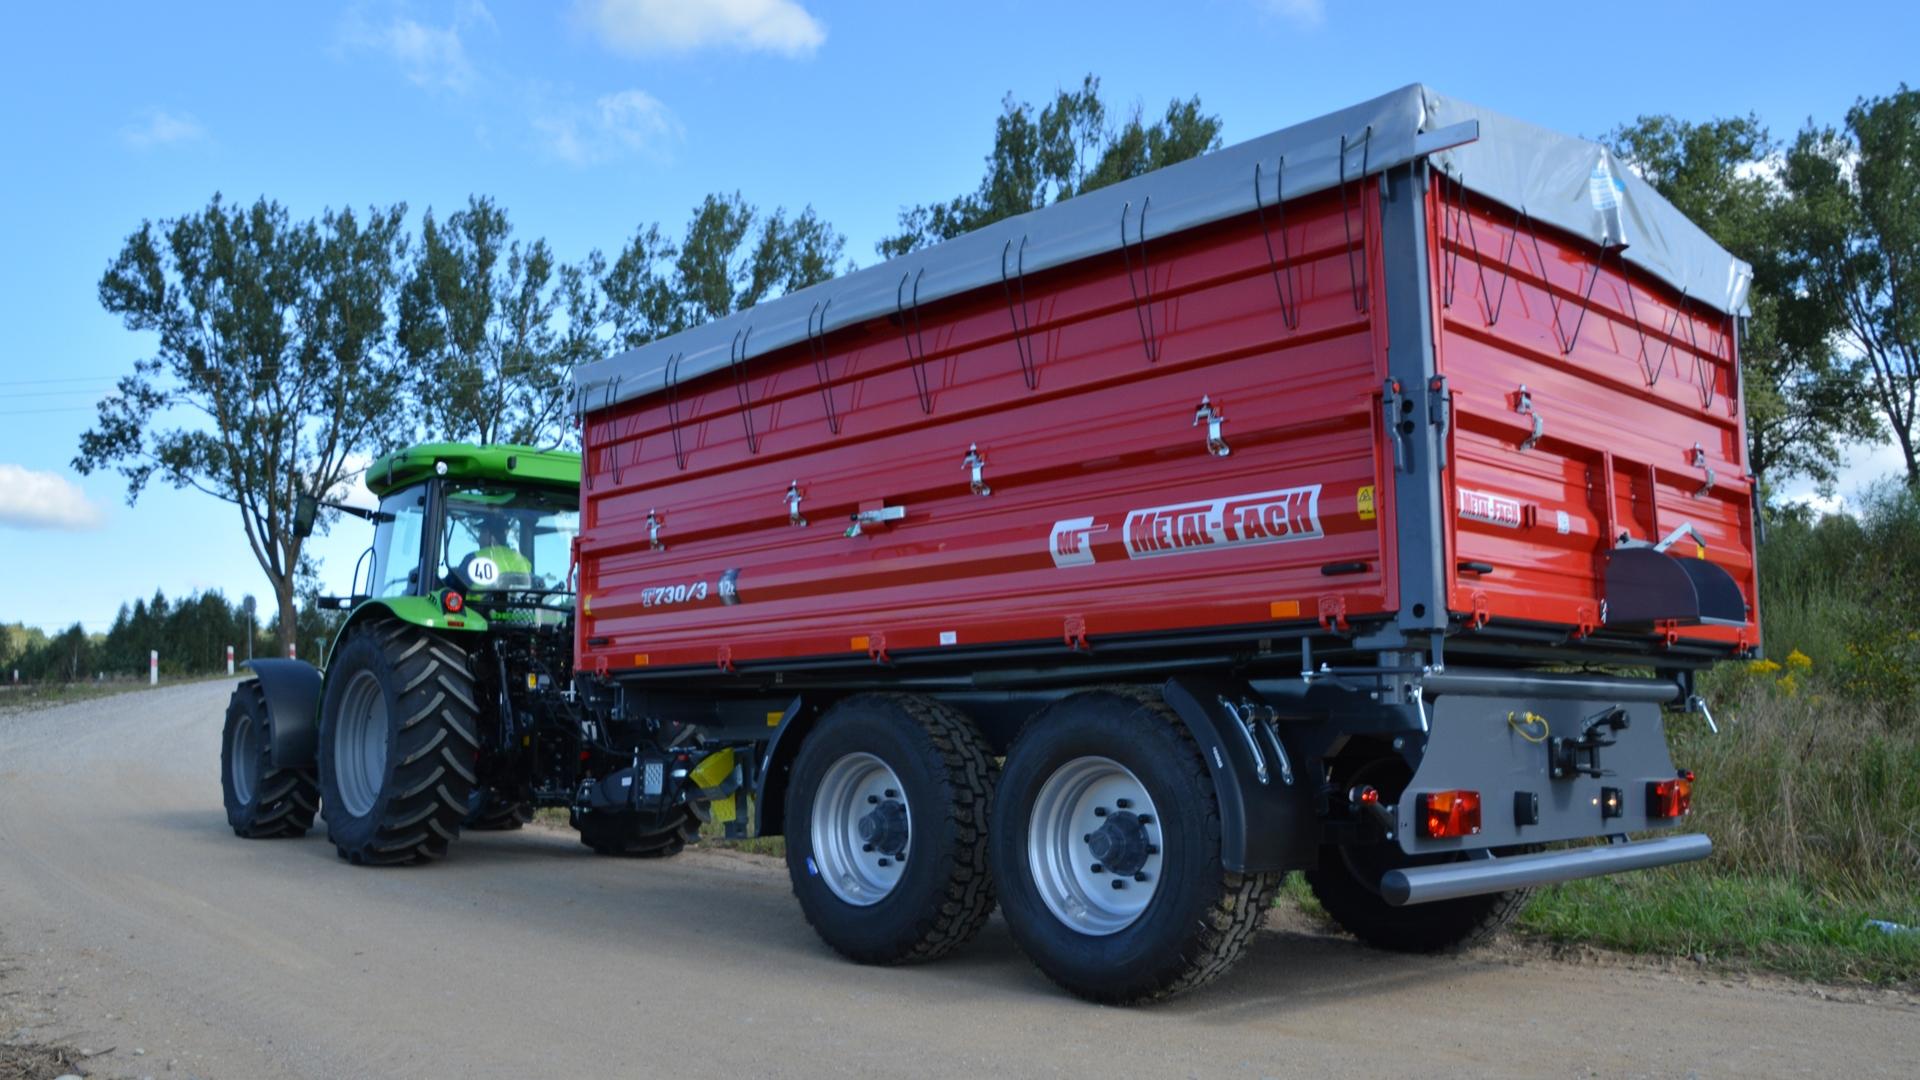 Przyczepa Rolnicza Metal Fach T730 1 8 Ton Tandem 8856880450 Allegro Pl